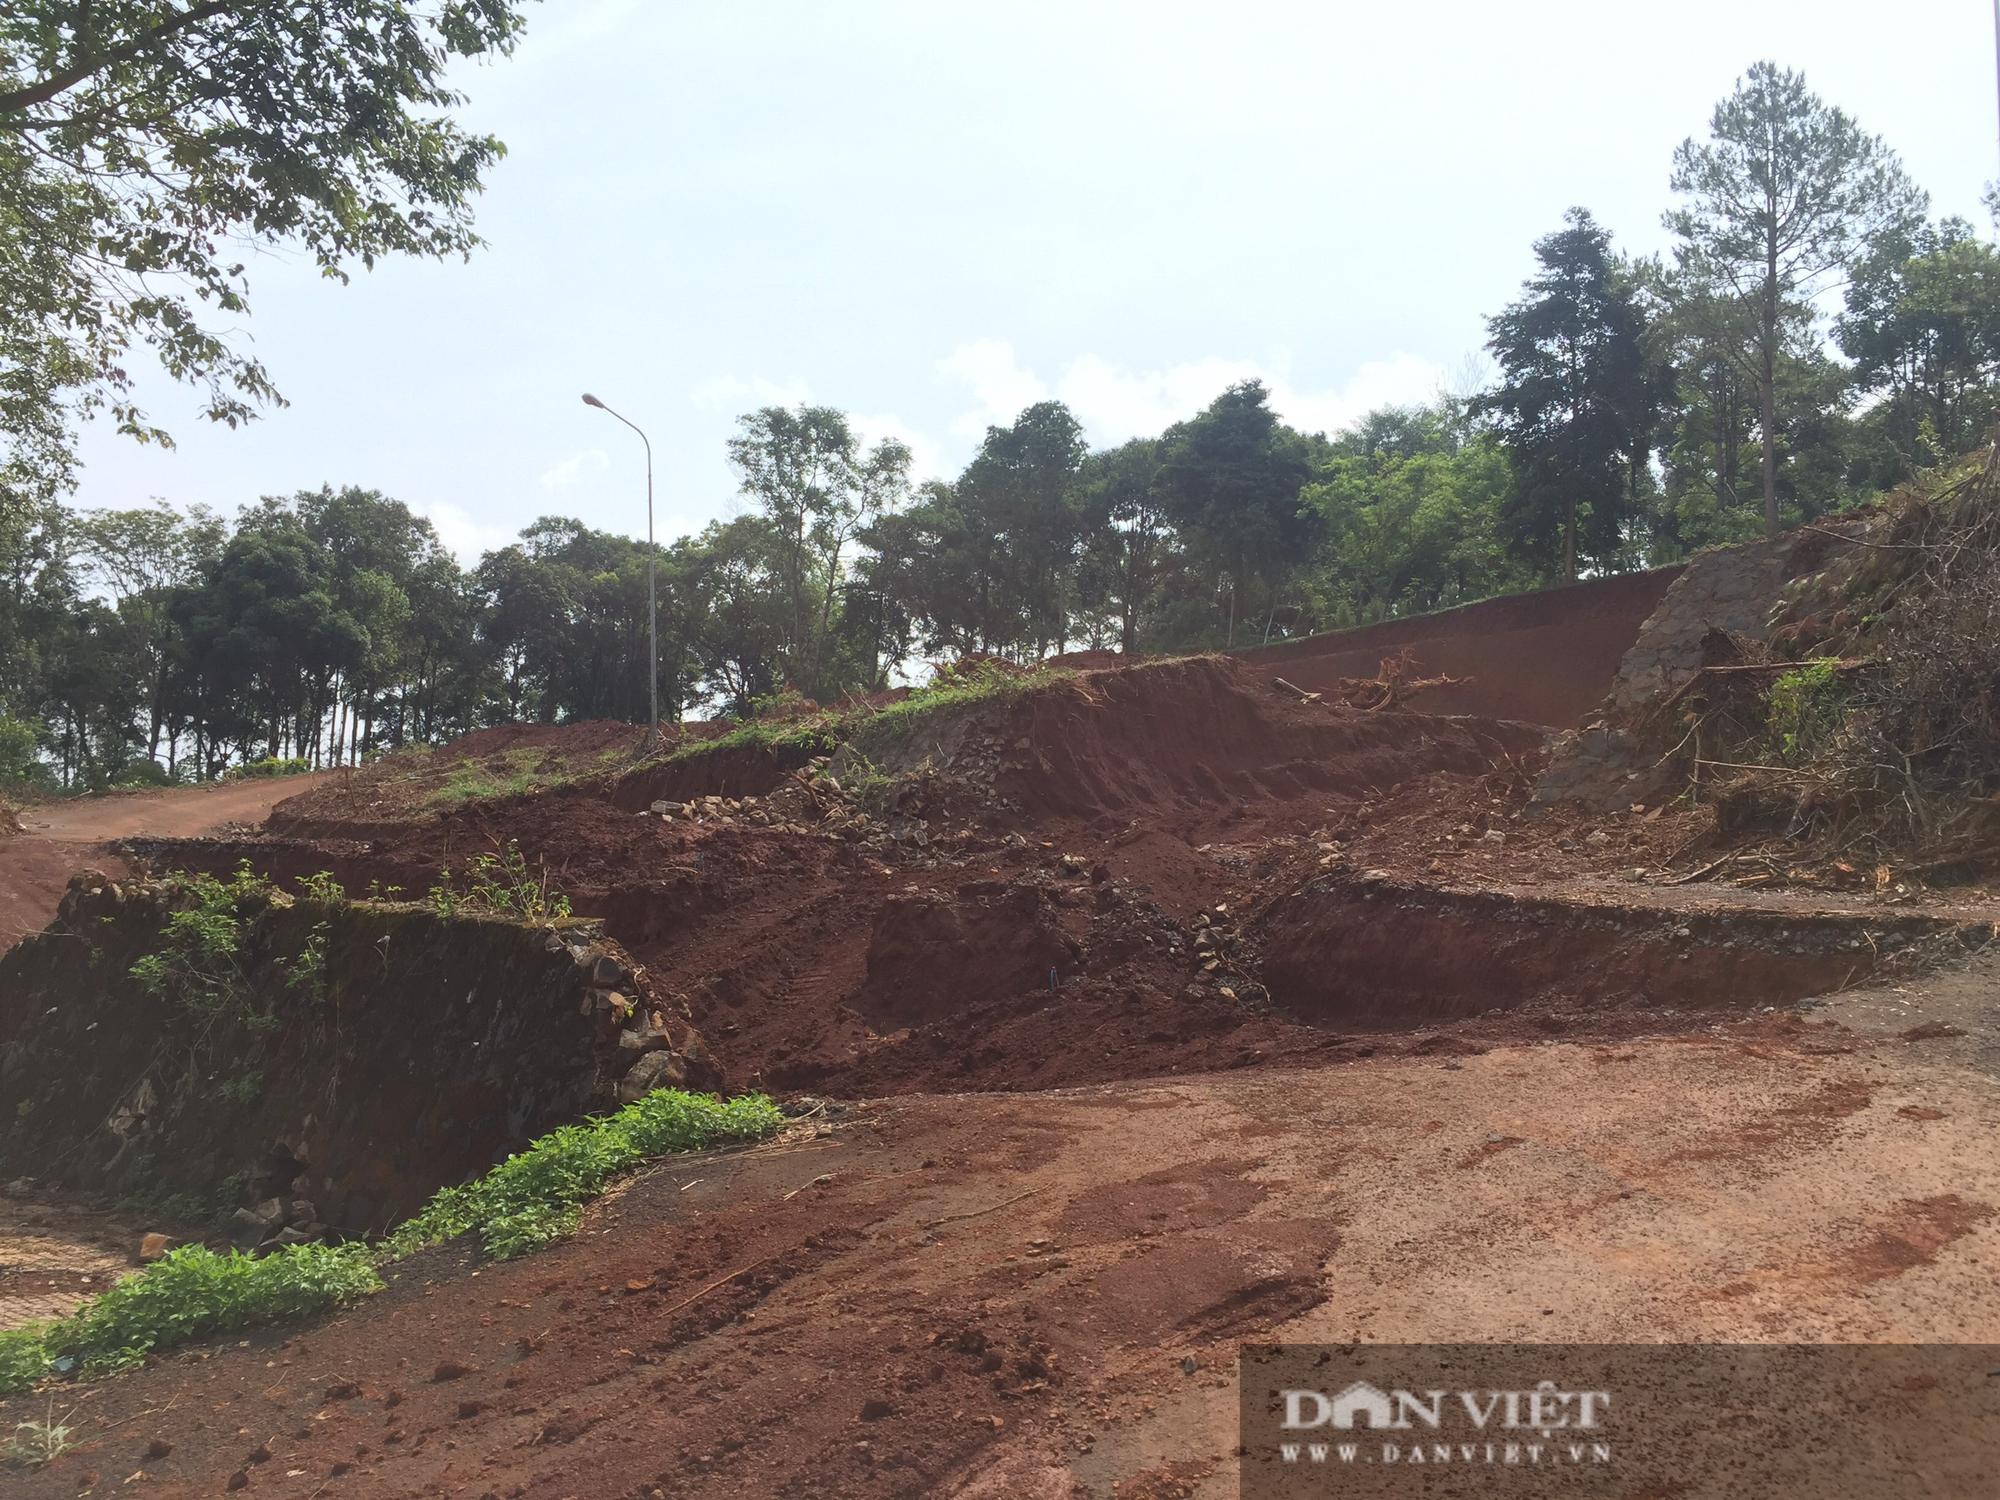 Sở Xây dựng Đắk Nông cấp giấy phép tạm không đúng thẩm quyền trong vụ Đồi Cường Thịnh - Ảnh 2.